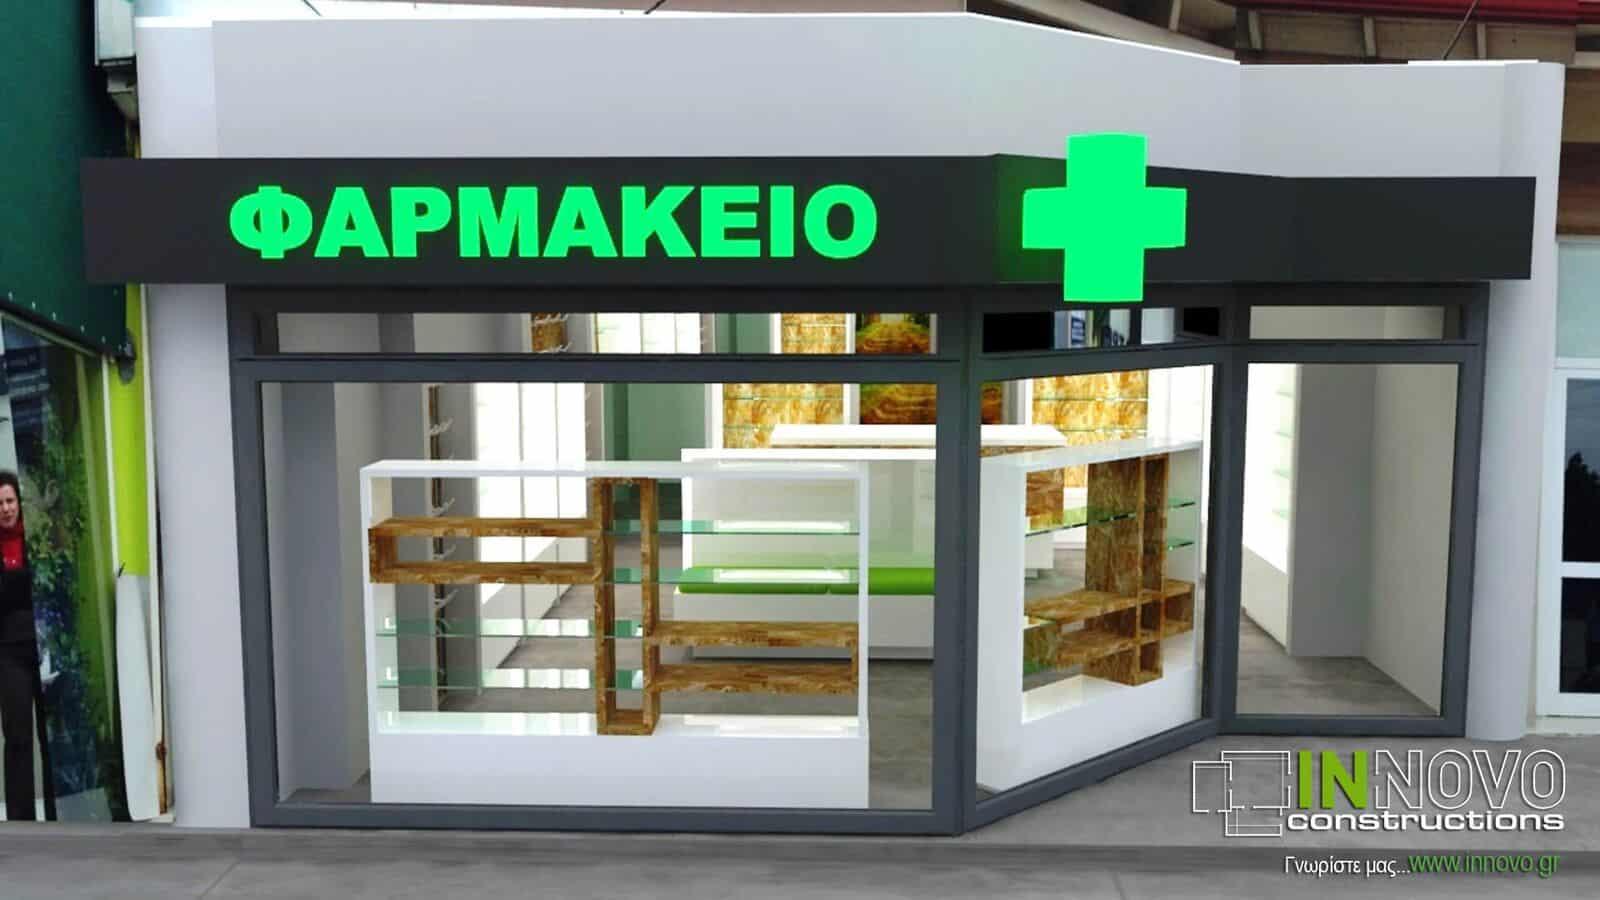 Μελέτη ανακαίνισης Φαρμακείου στα Ιωάννινα